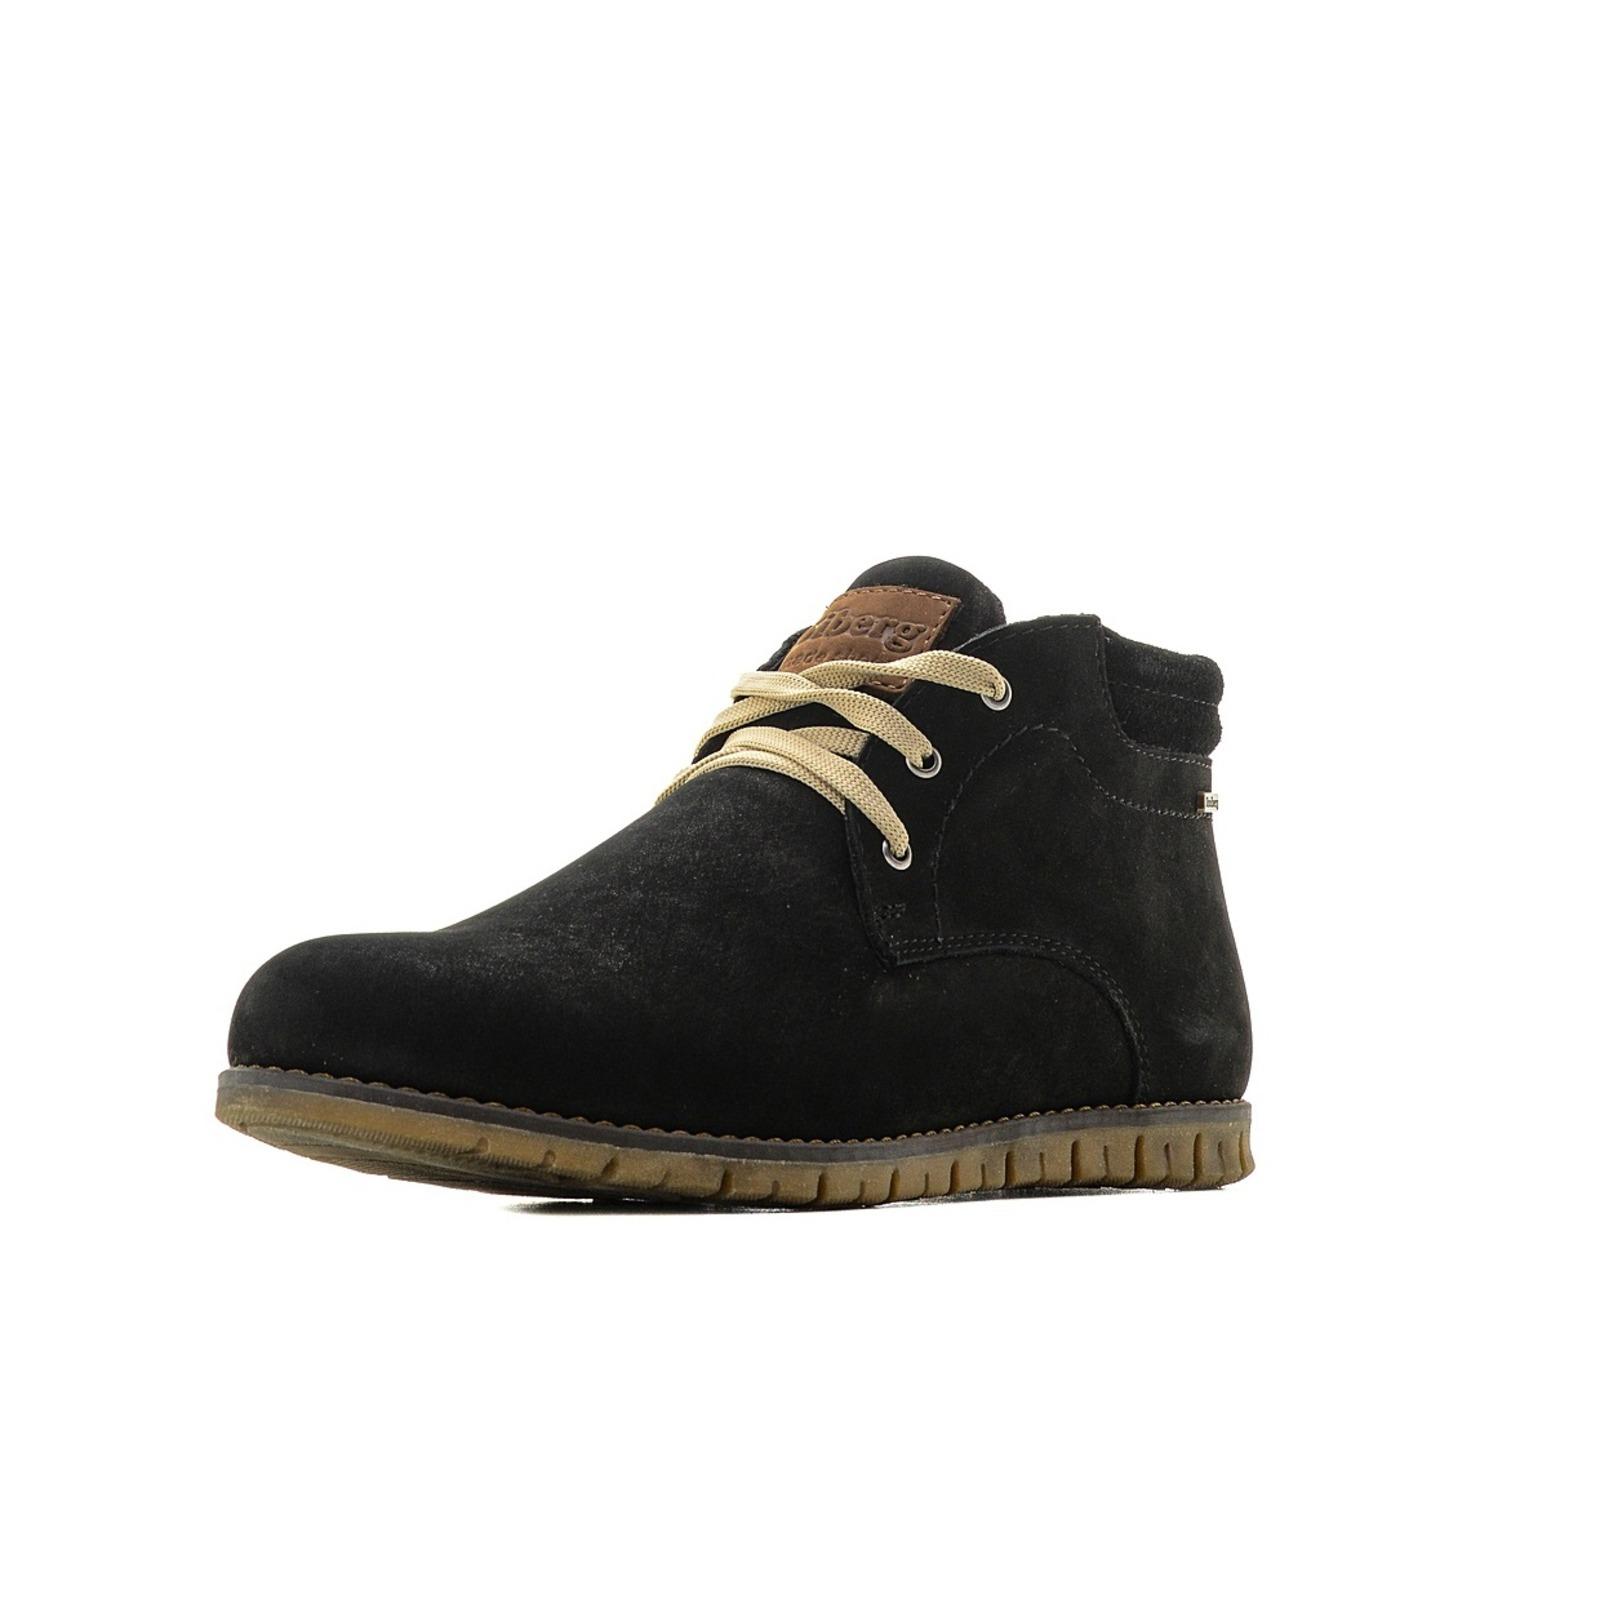 Ботинки зимние с верхом из нубука